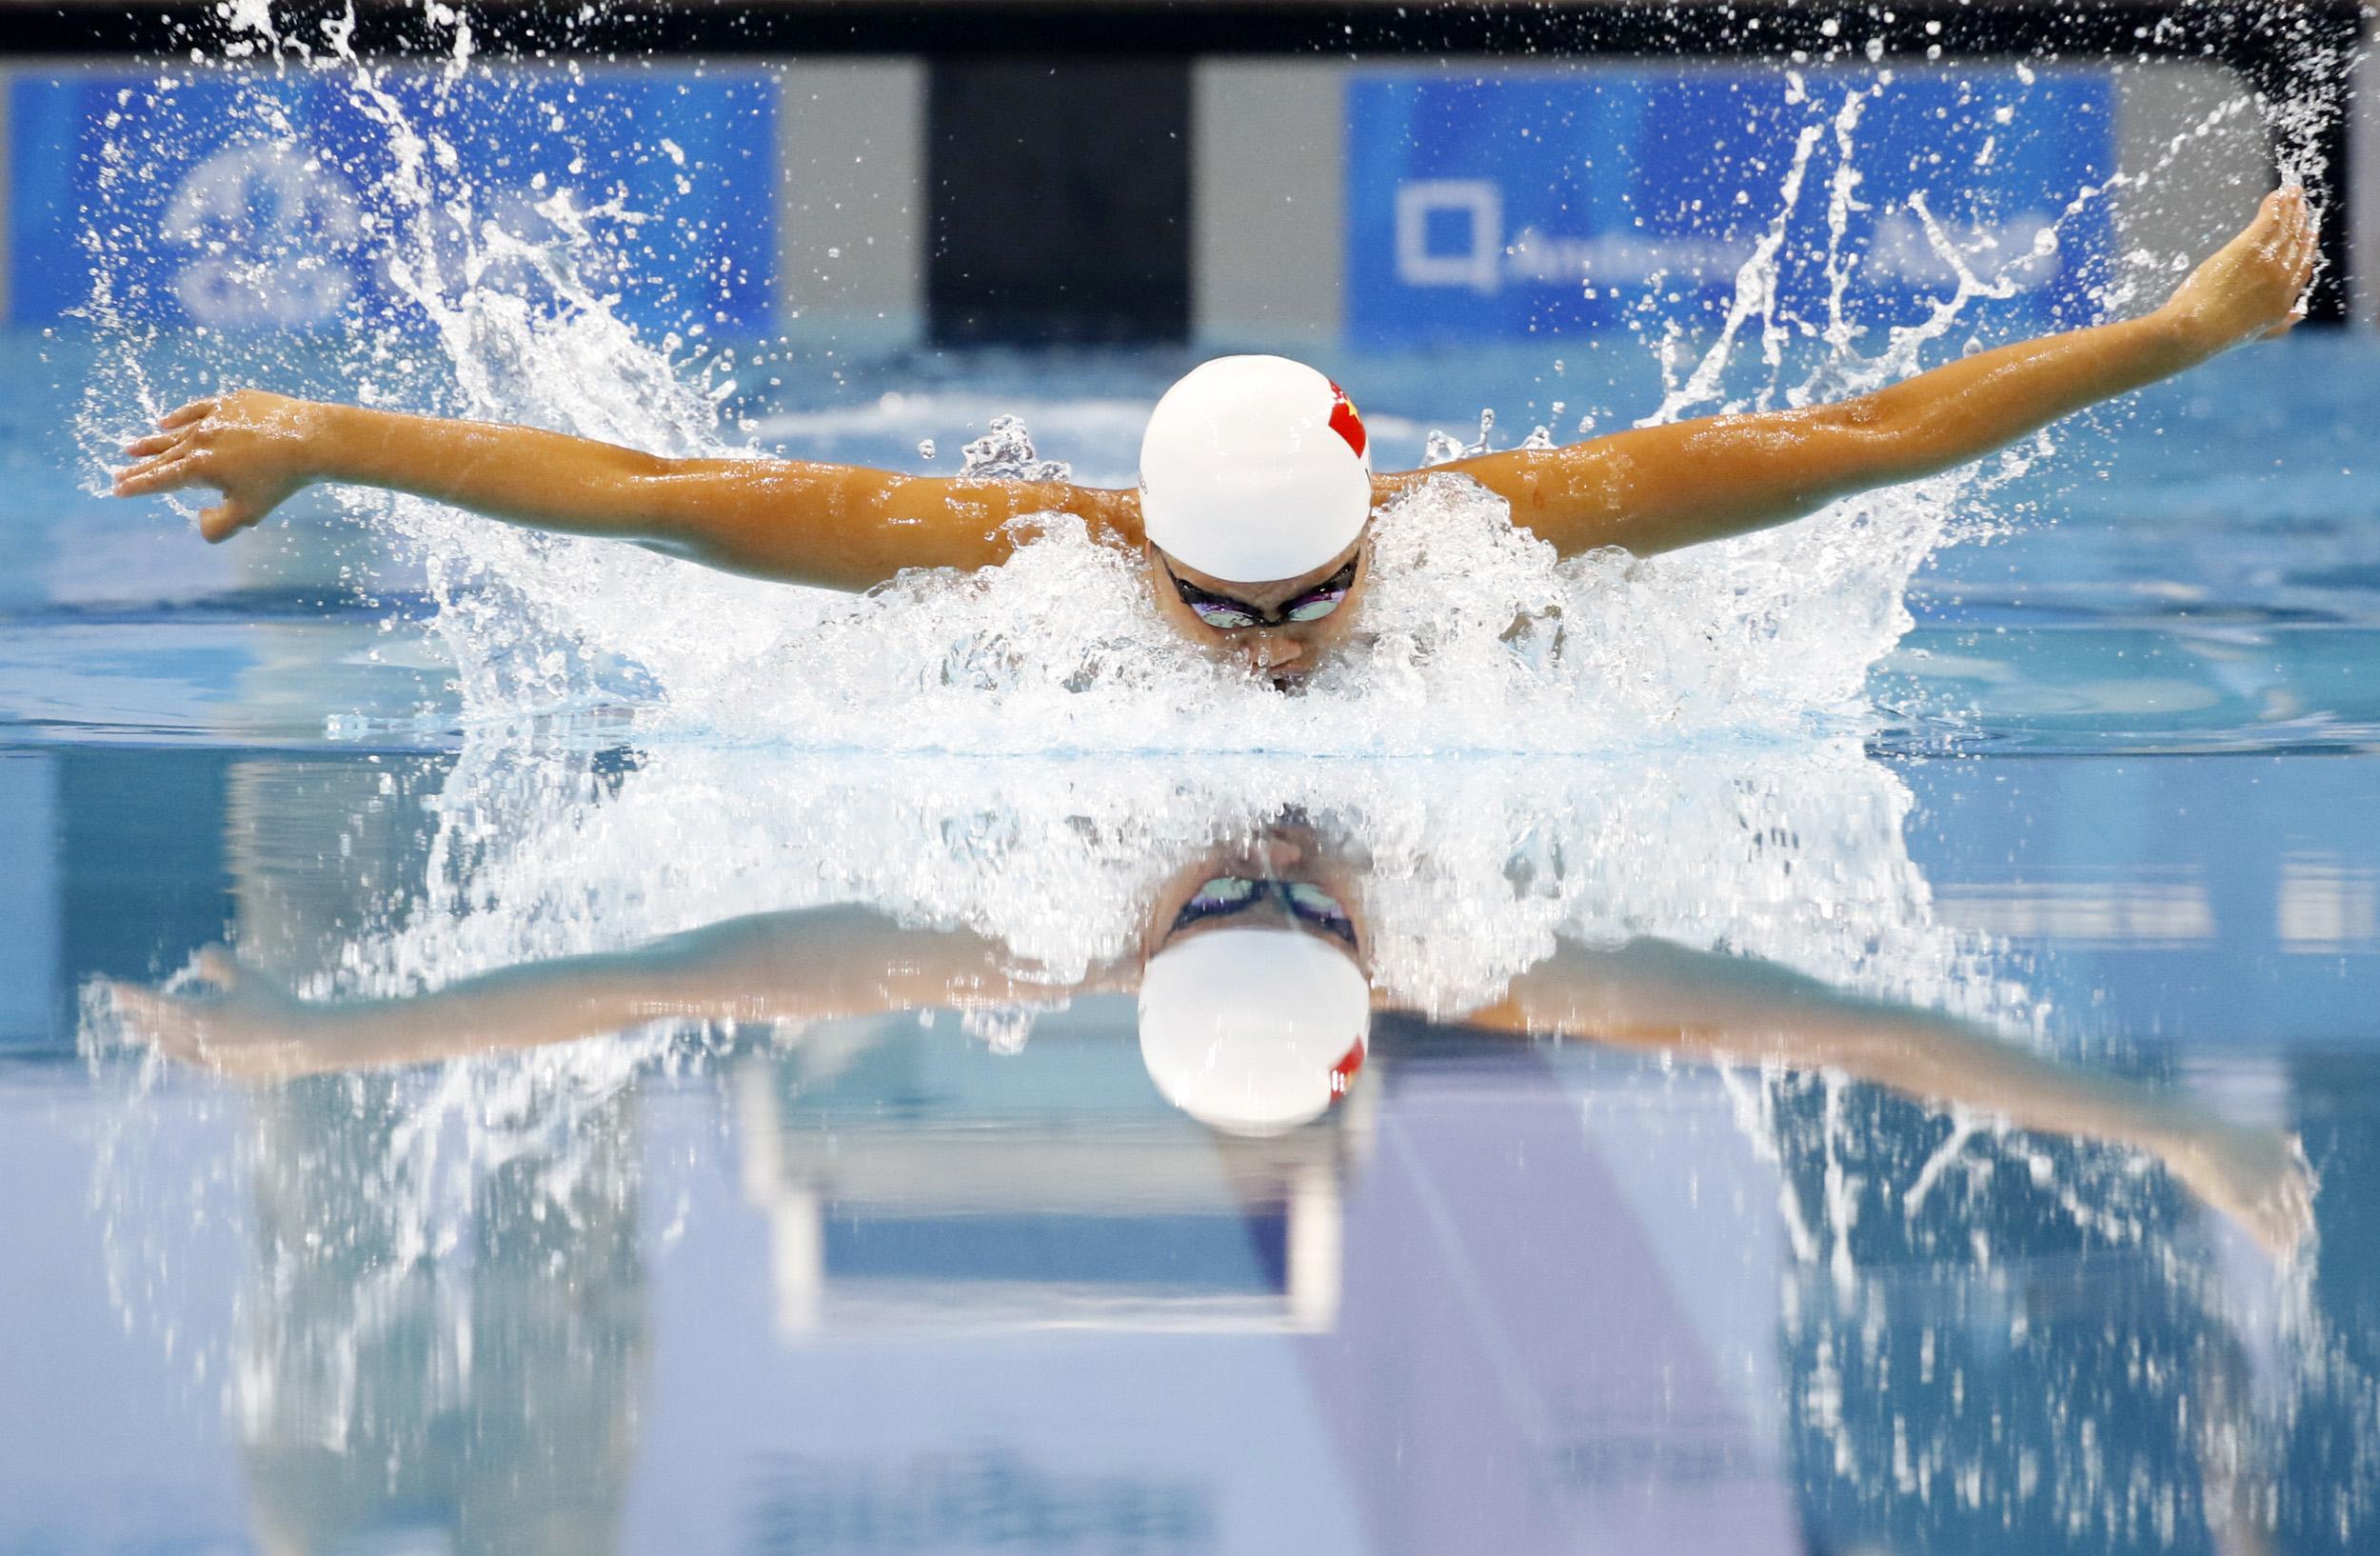 Mục tiêu của Ánh Viên sẽ không chỉ là top 8 Olympic.